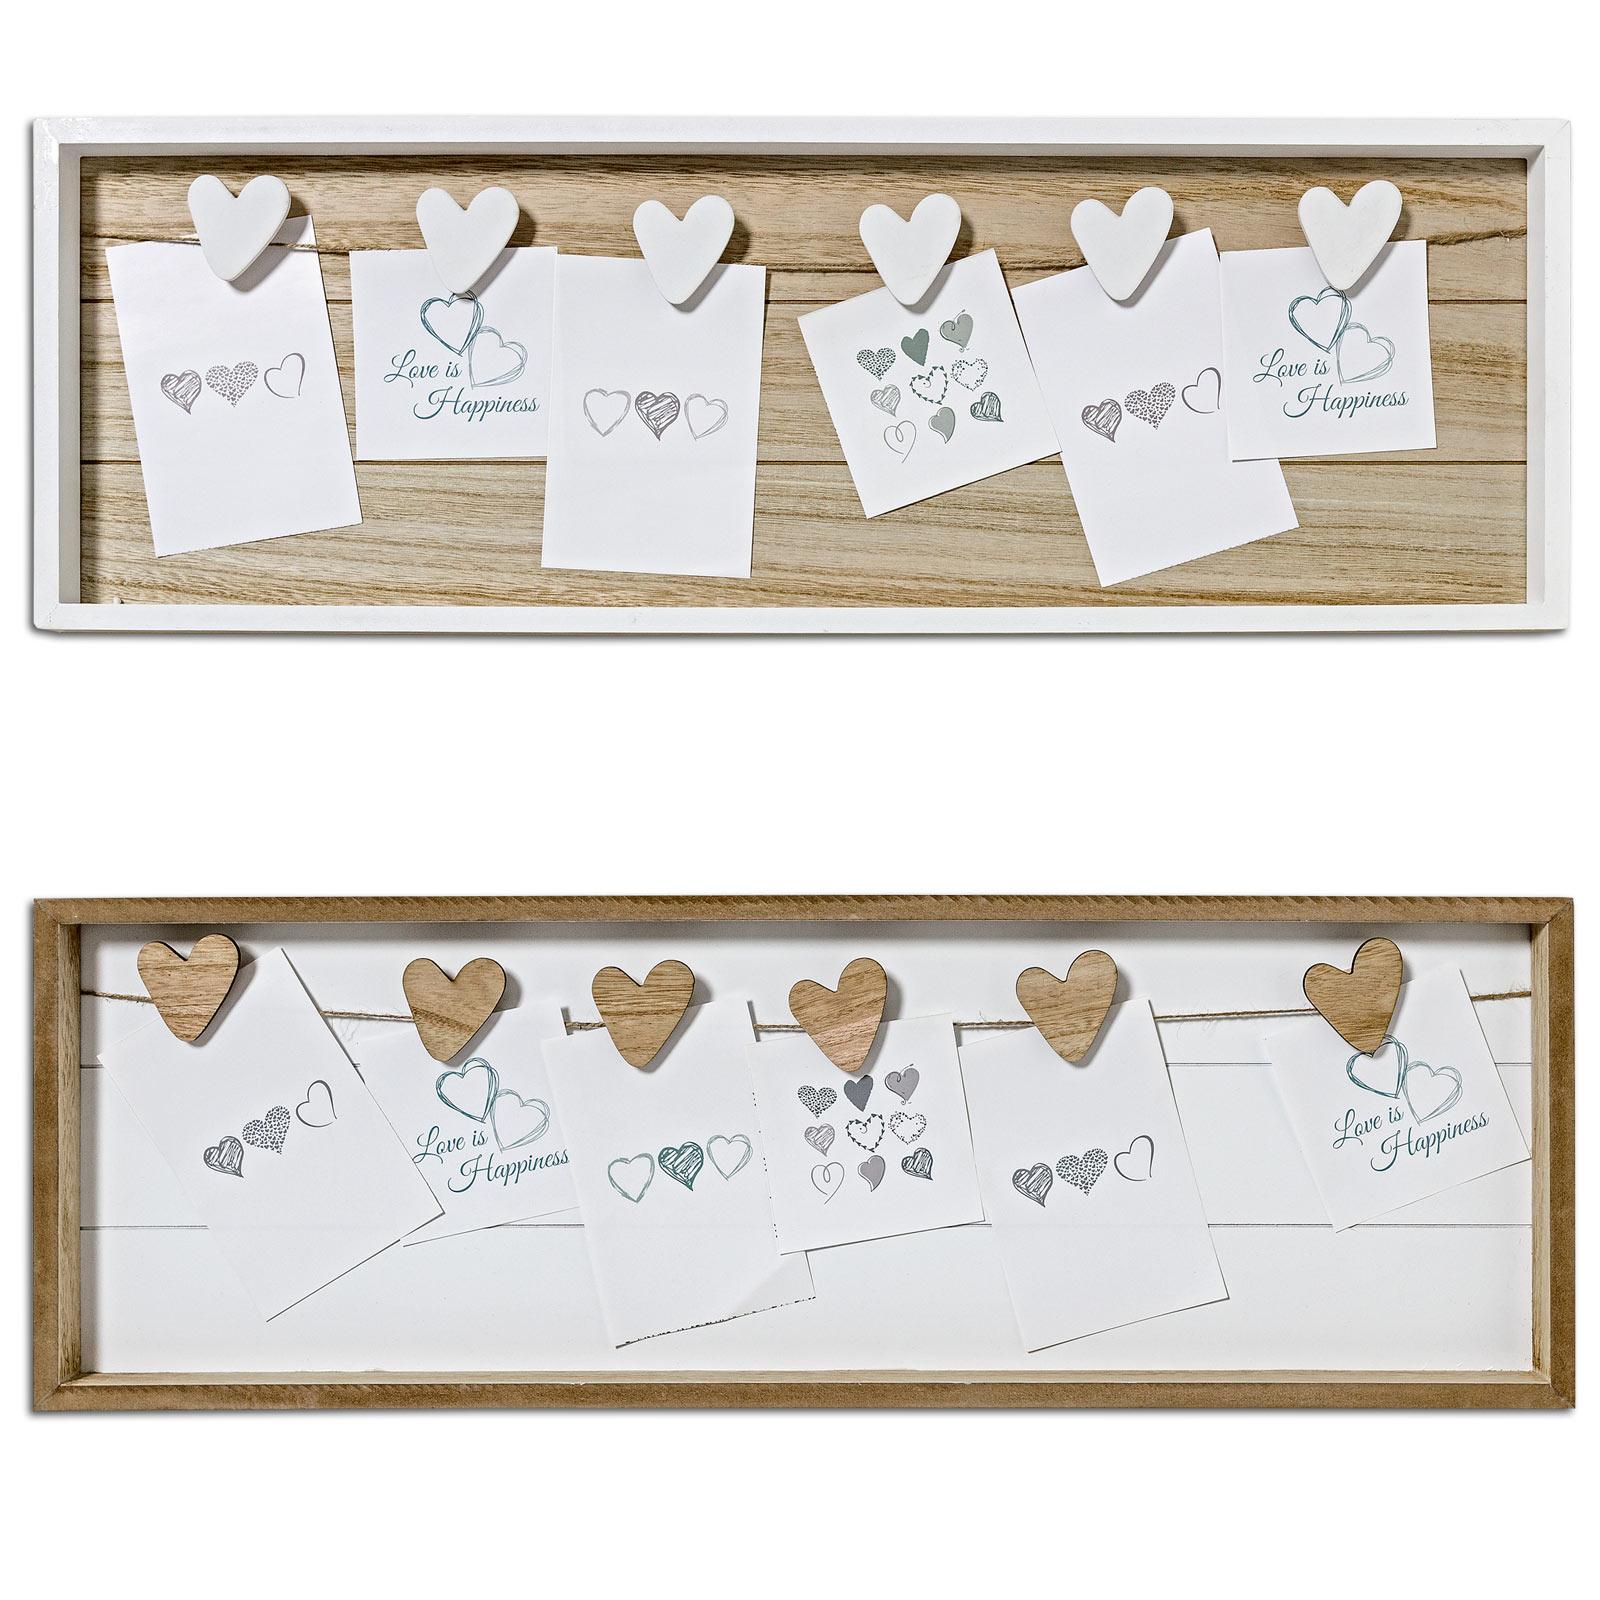 Full Size of Pinnwand Modern Sortiert 72x24 Cm Online Bei Roller Kaufen Moderne Duschen Bett Design Küche Holz Bilder Fürs Wohnzimmer Modernes Sofa Deckenlampen Tapete Wohnzimmer Pinnwand Modern